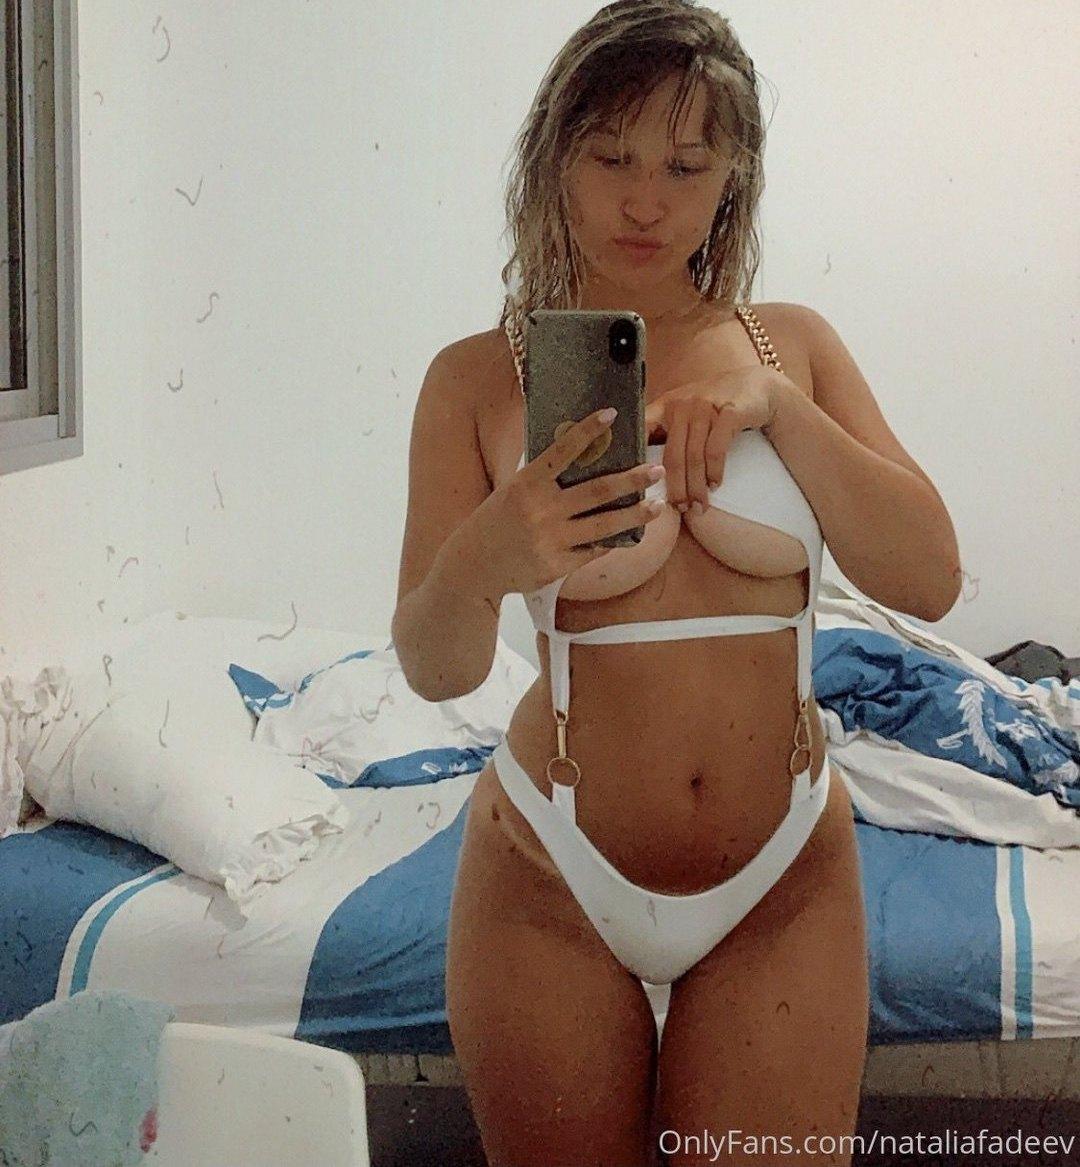 Natalia Fadeev Nataliafadeev Sexy Nudes Leaks 0002